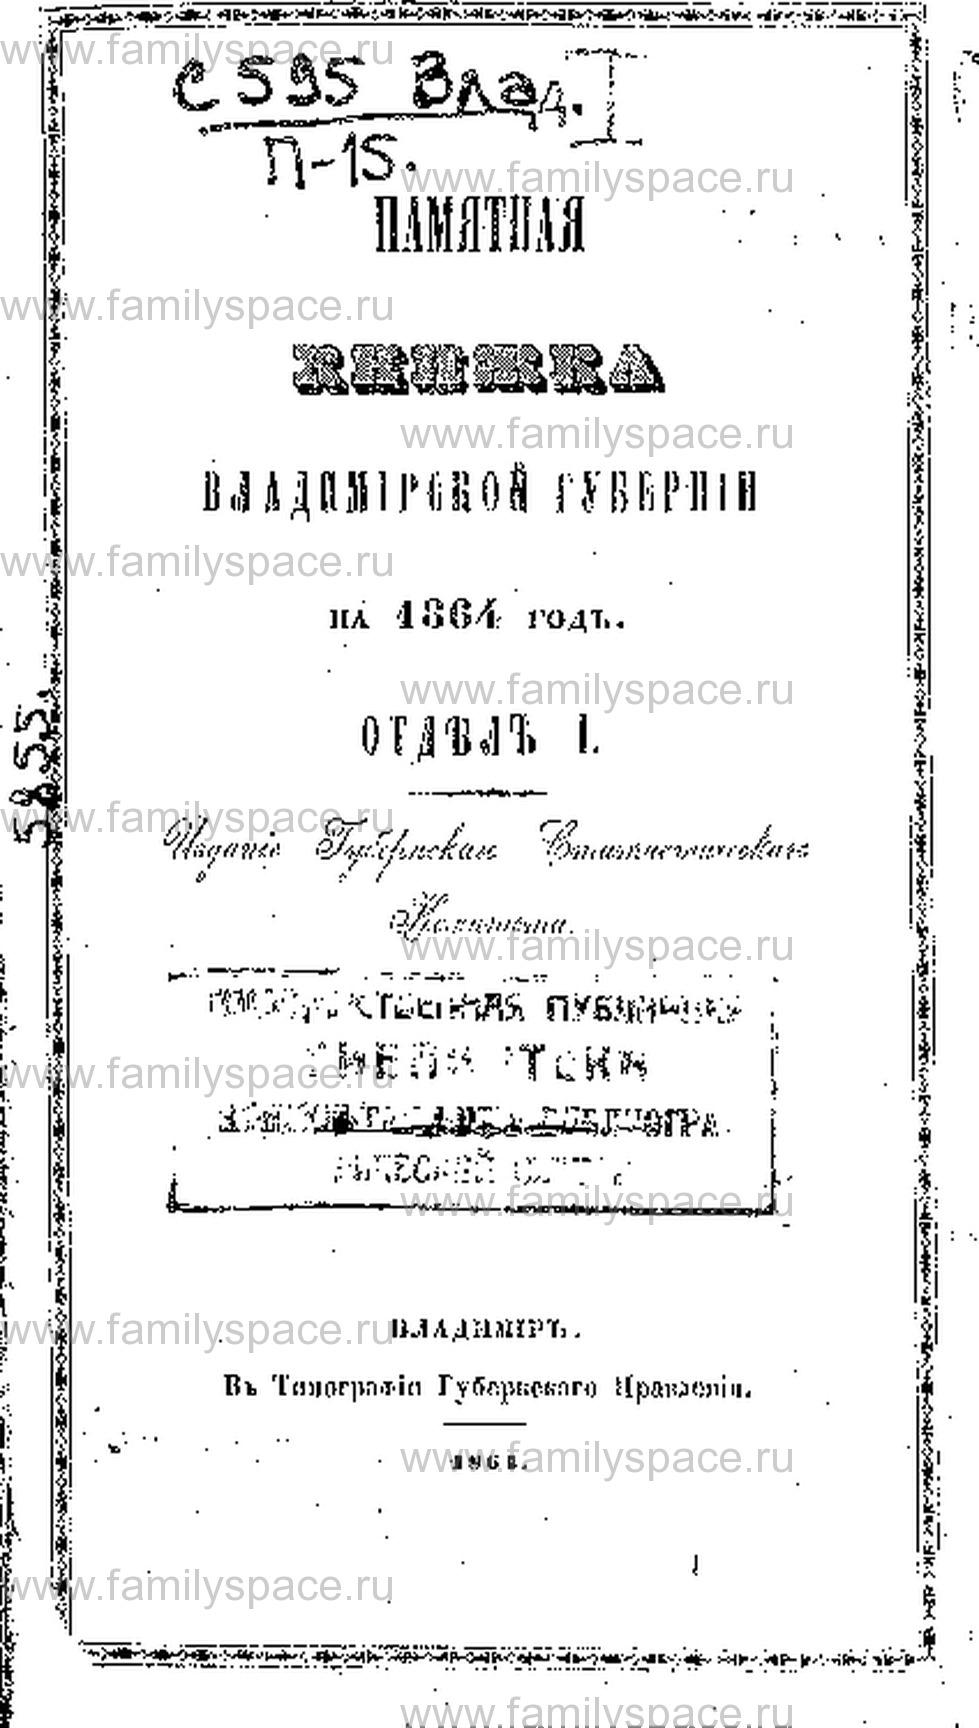 Поиск по фамилии - Памятная книжка Владимирской губернии на 1864 г, страница 1